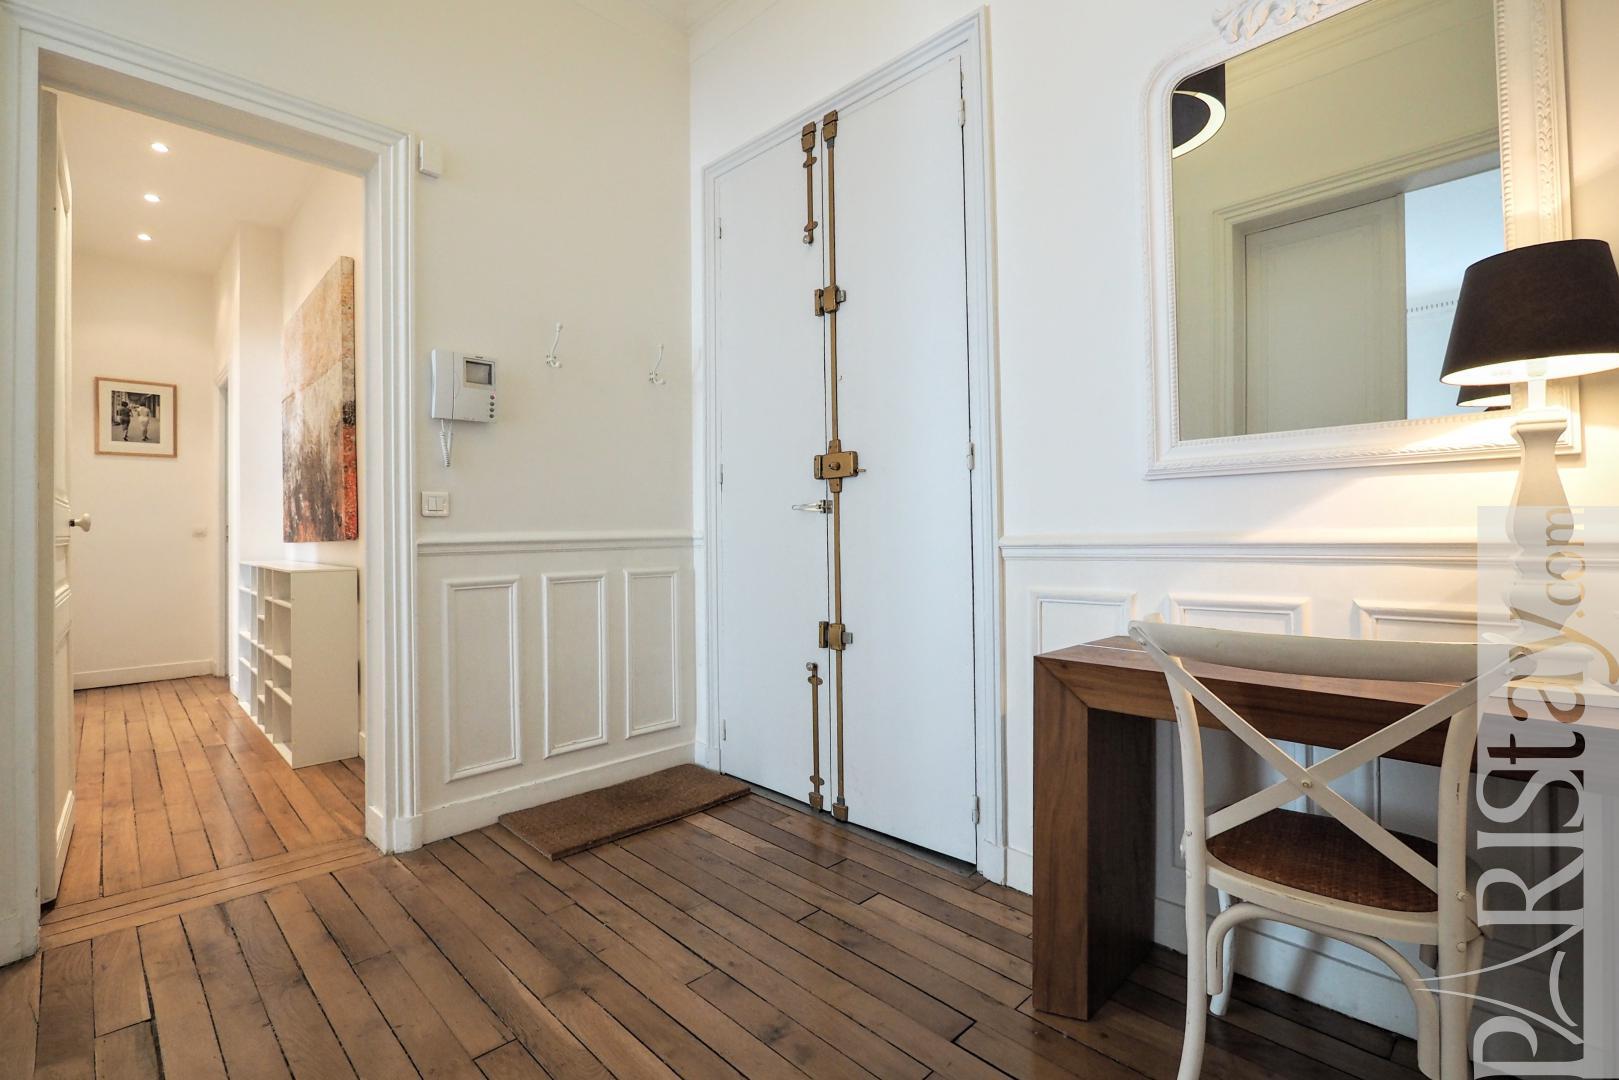 Paris location appartement 2 chambres mus e orsay meubl - Location appartement paris 2 chambres ...